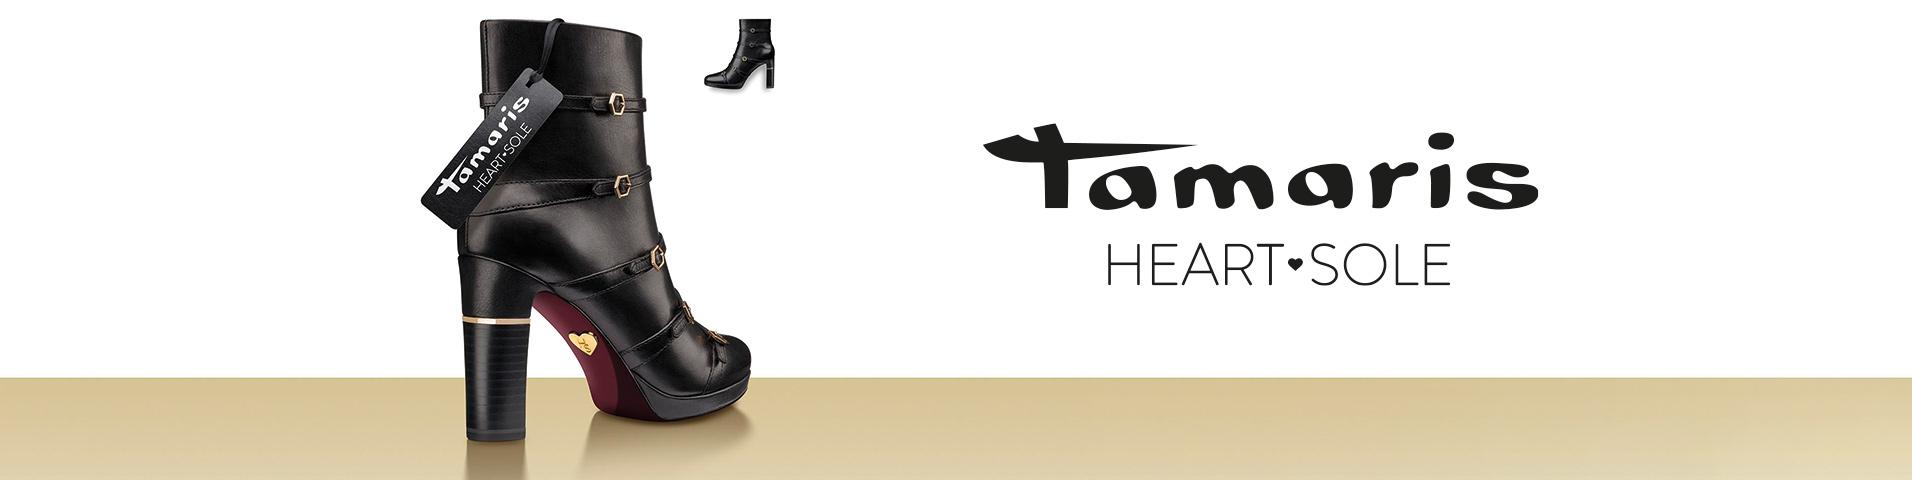 Tamaris Heart & Sole Stiefelette Gr. 35 burgund neu